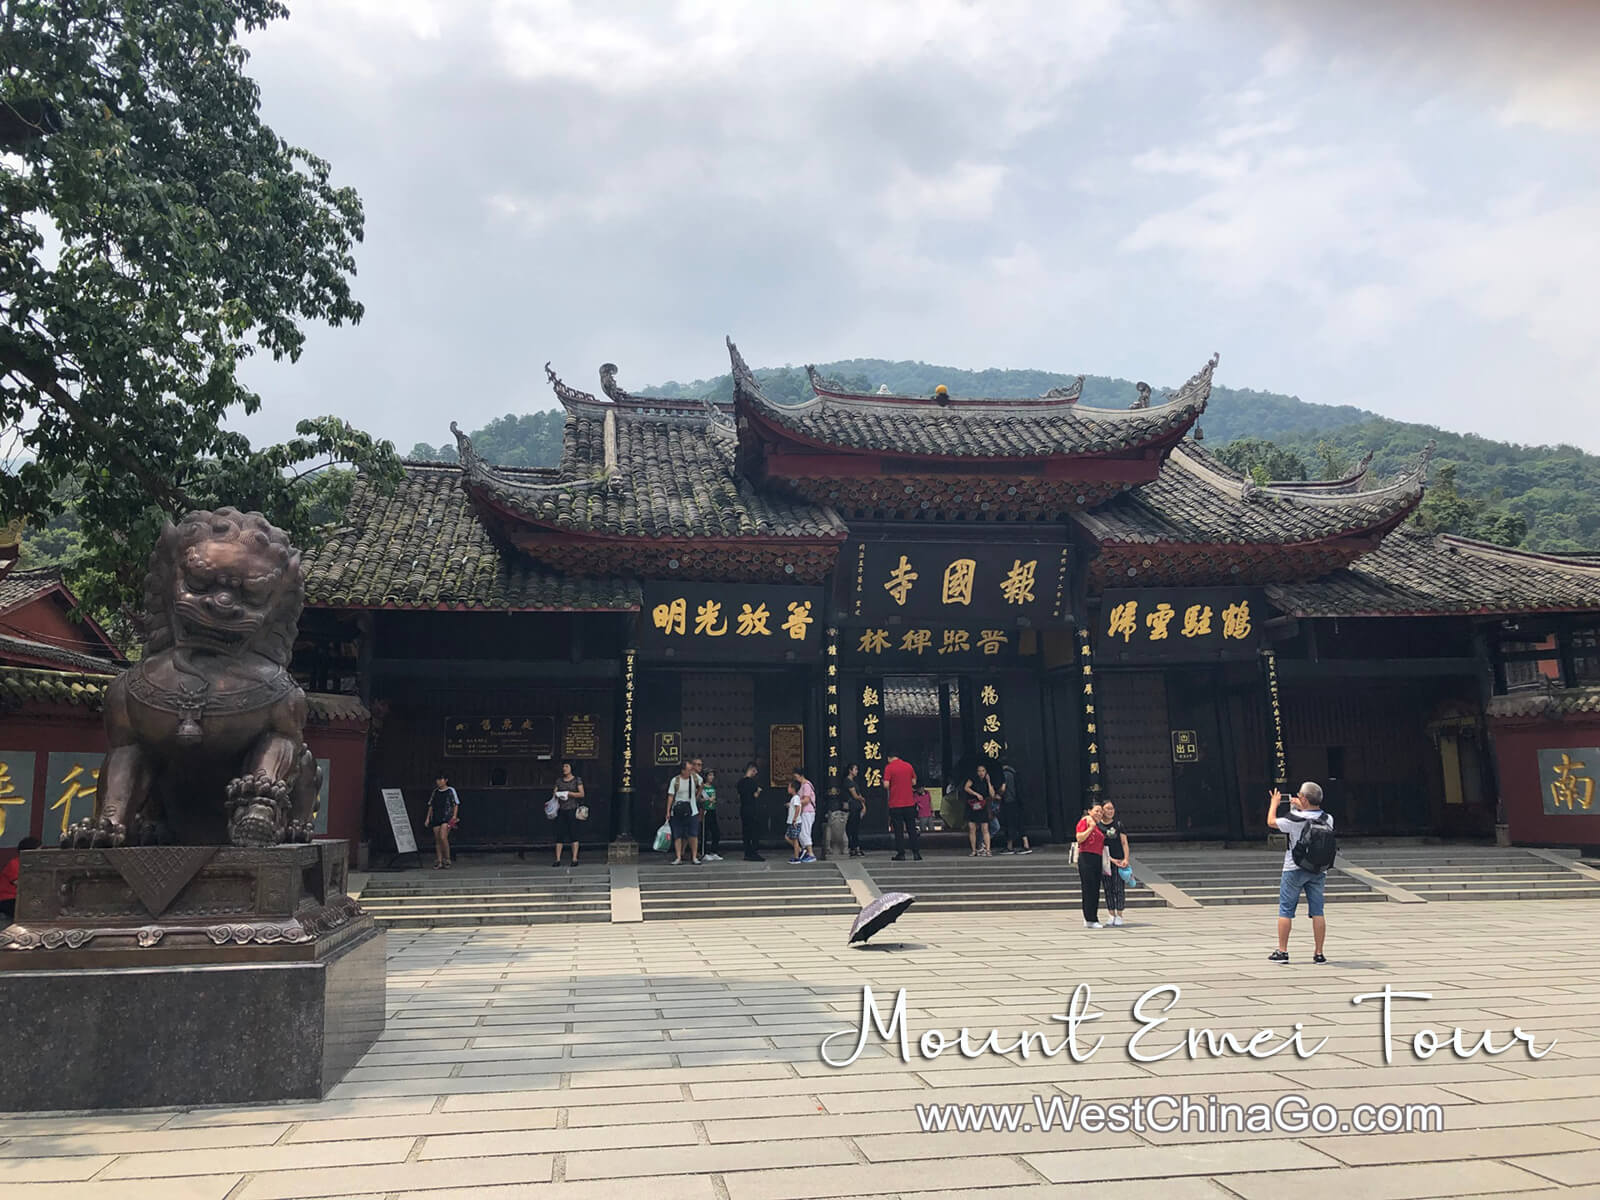 chengdu mount emei tour